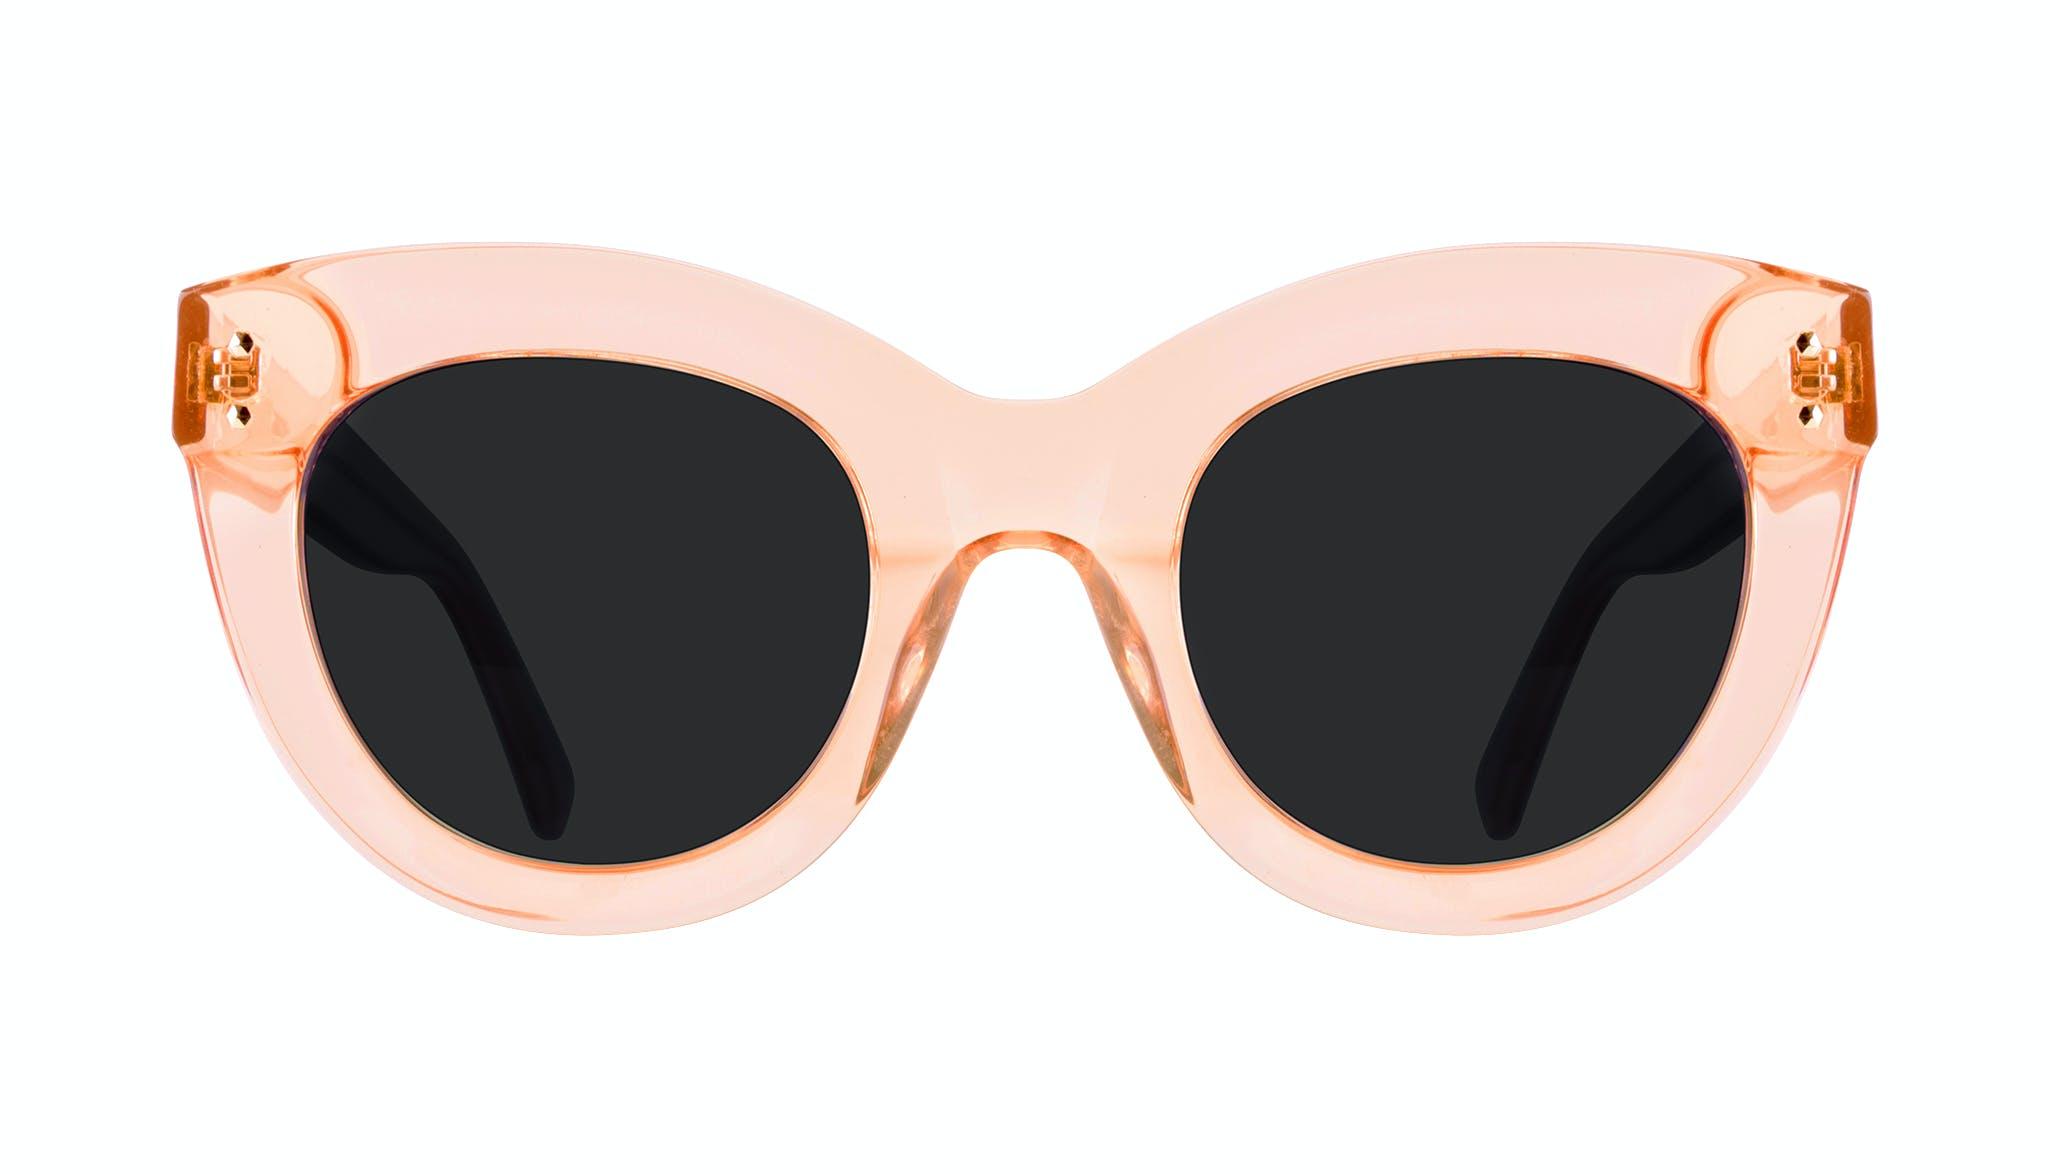 Lunettes tendance Oeil de chat Lunettes de soleil Femmes Dusk Peach Face